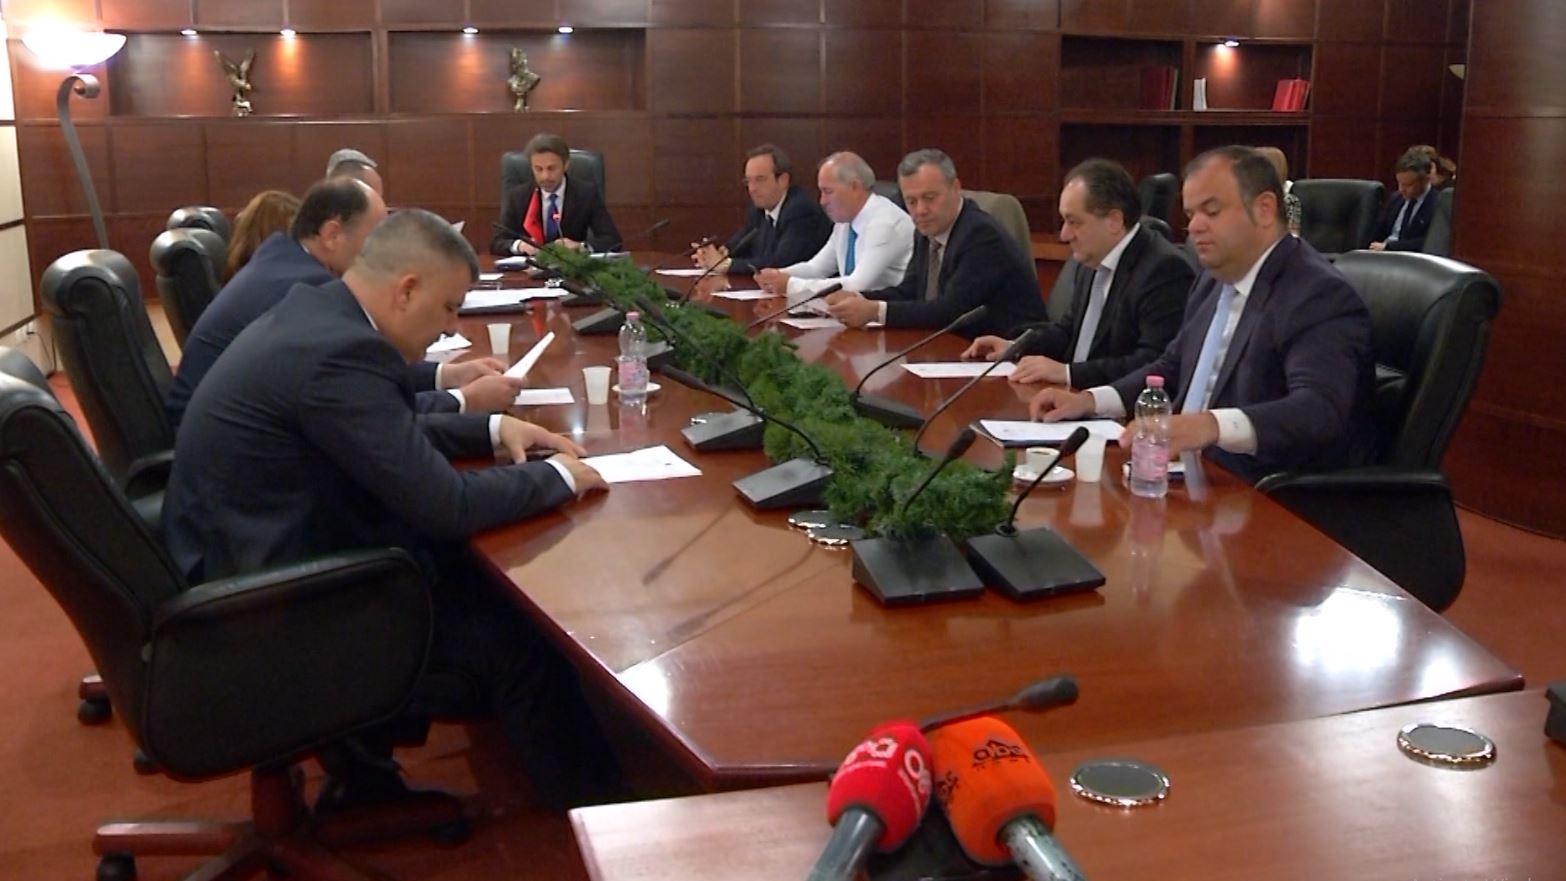 Gara për Kryeprokuror, KLP dështon sërish në vlerësimin e kandidatëve